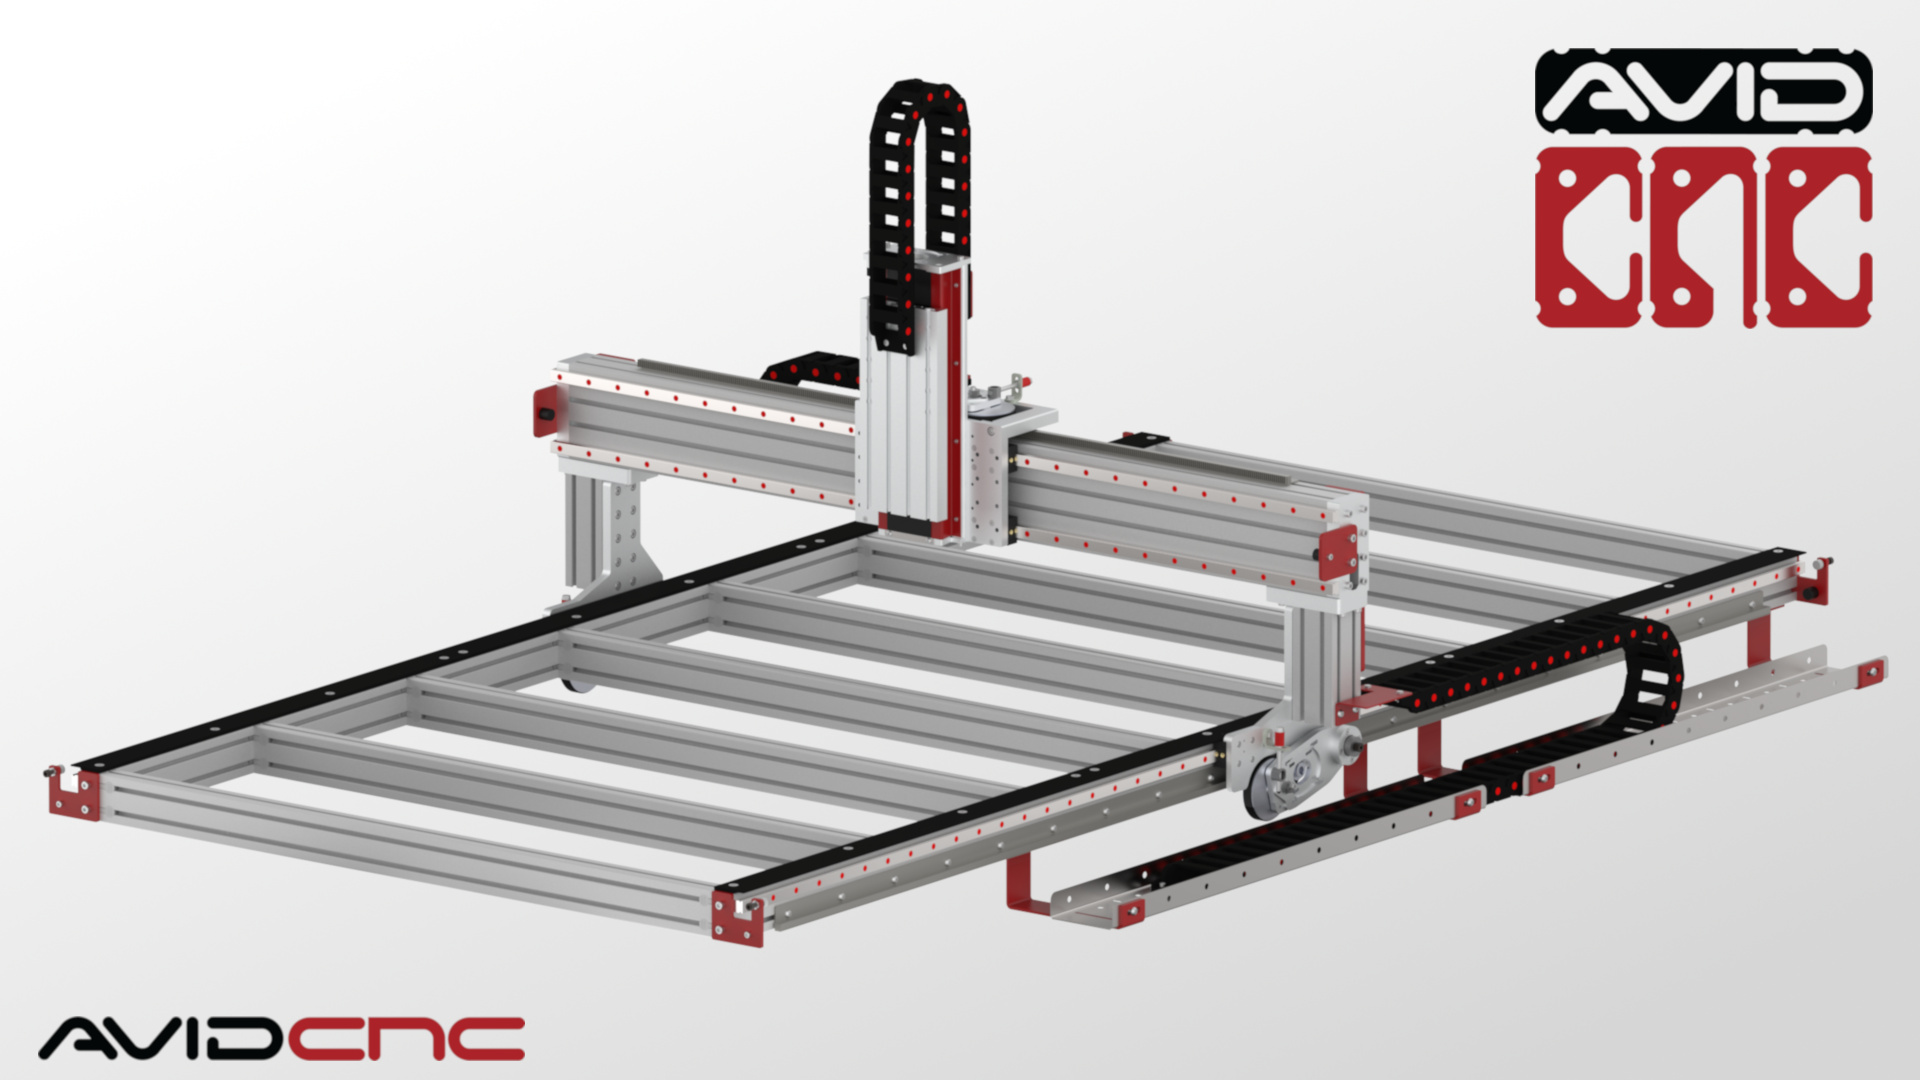 PRO400 40' x 40' CNC Router Kit   Avid CNC